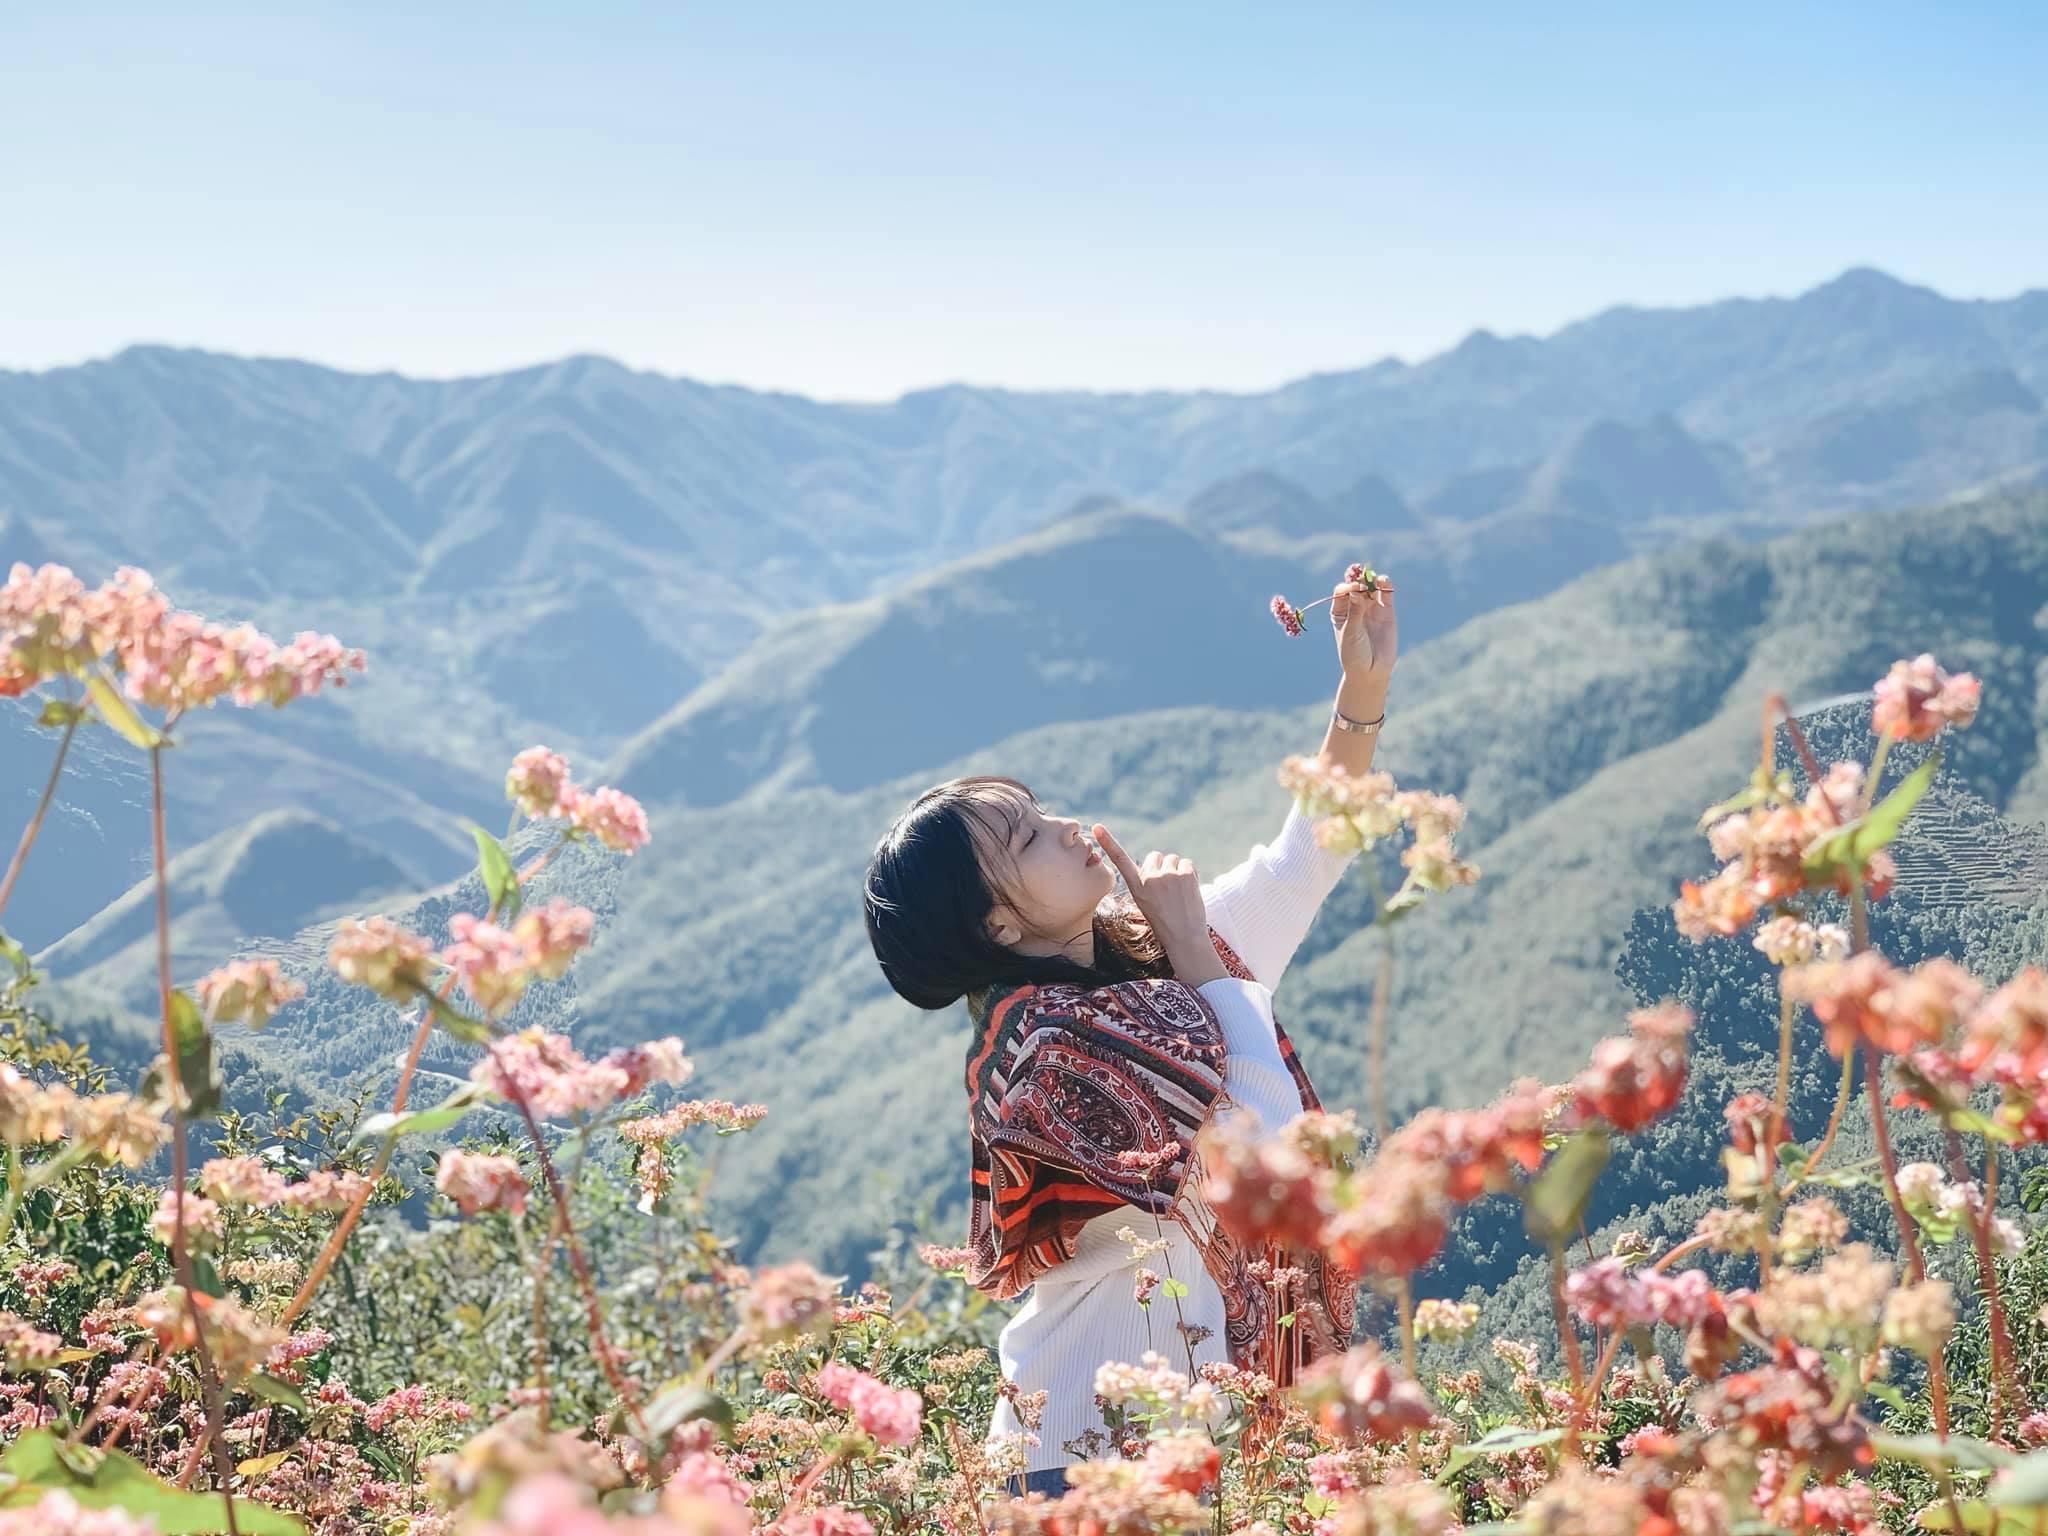 Top-3-diem-du-lich-nui-hot-nhat-trong-dip-tet-nguyen-dan-2020-vietmountain-travel1